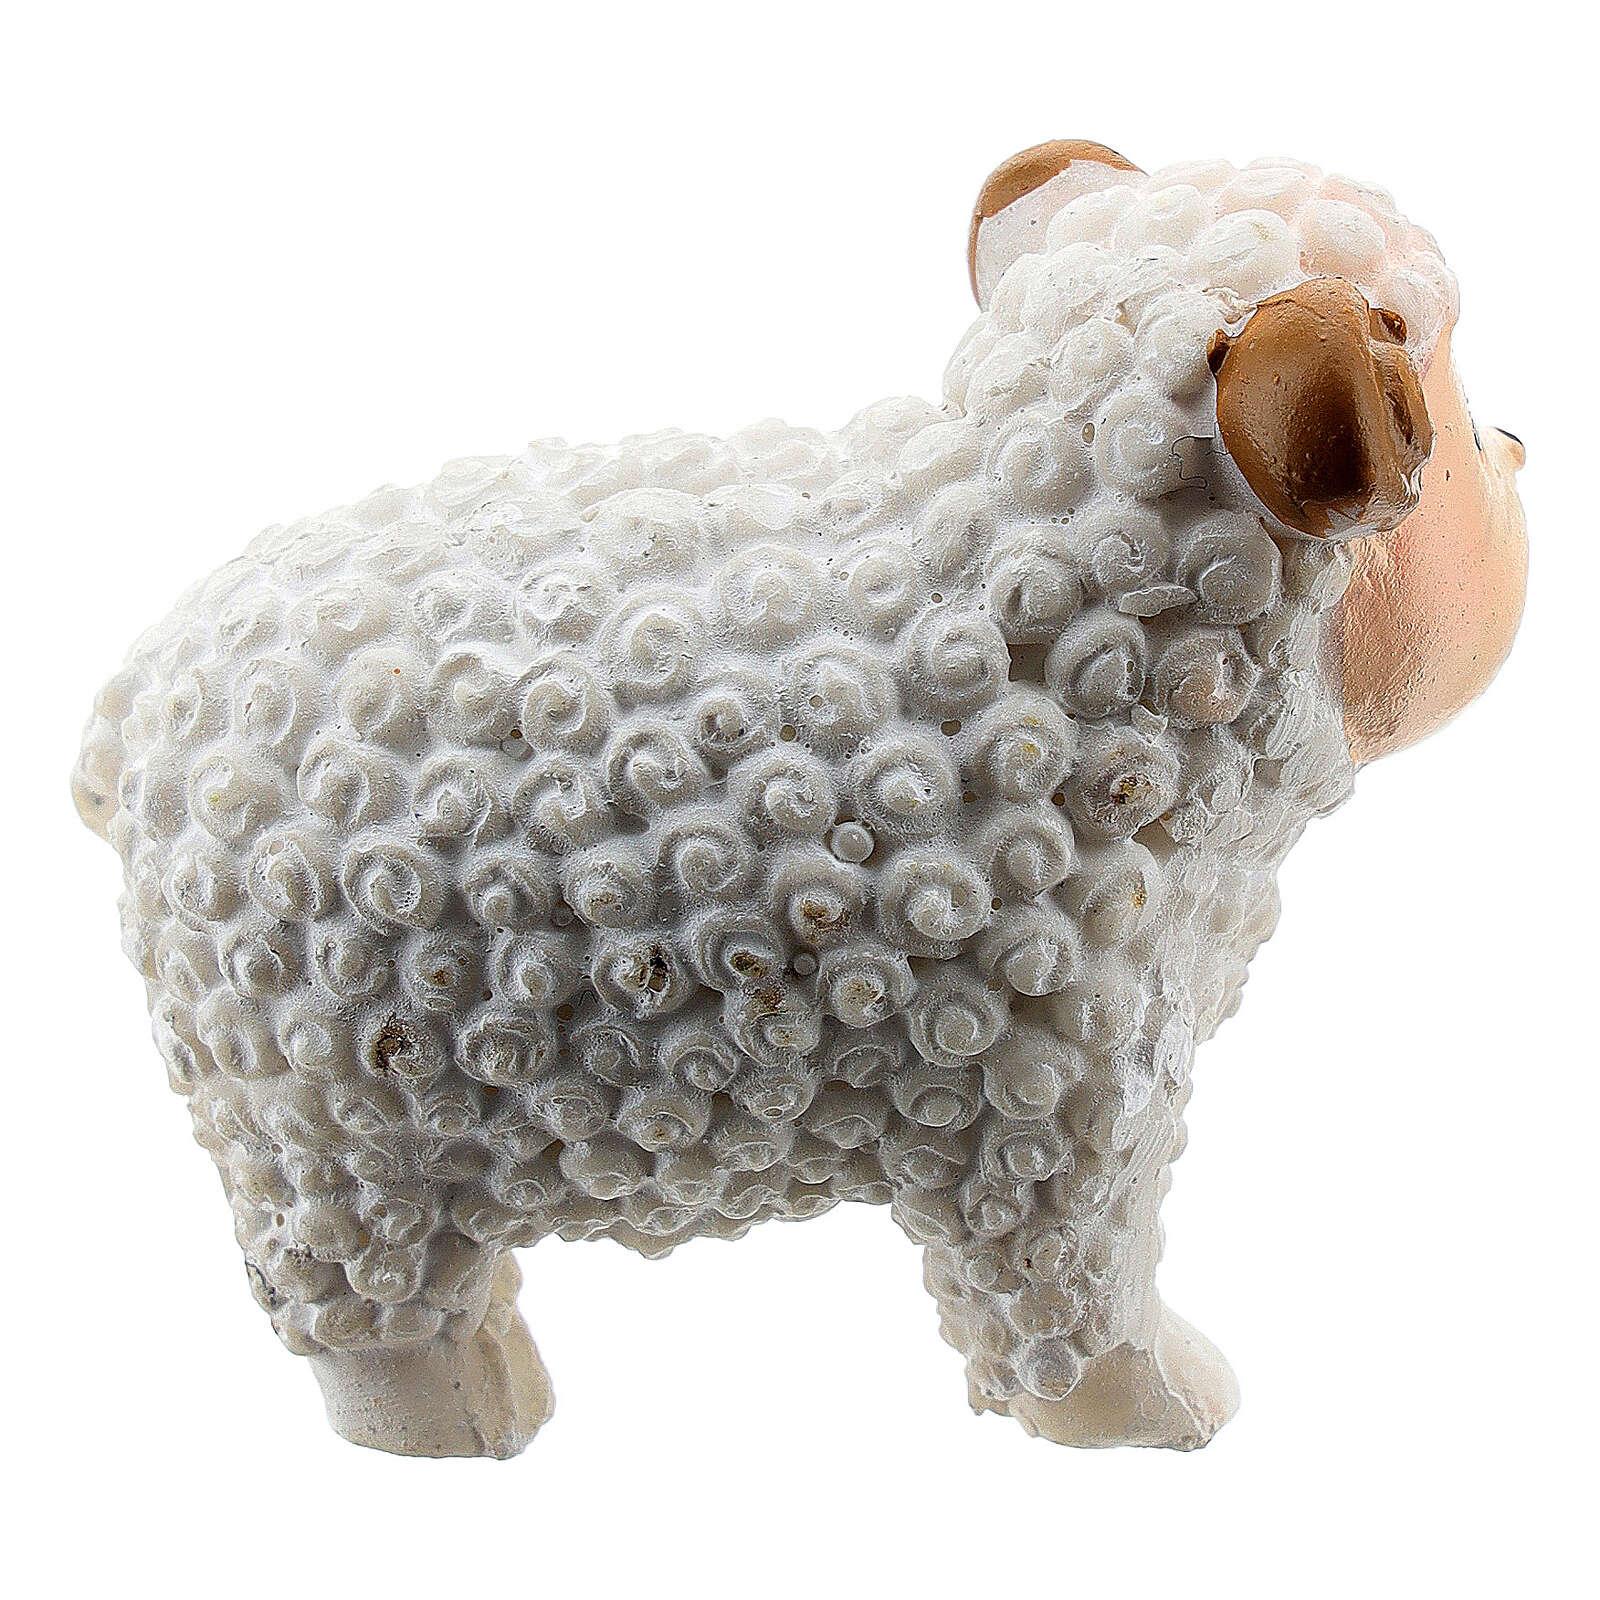 White lamb 5 cm resin for Nativity scene 8 cm children's line 3